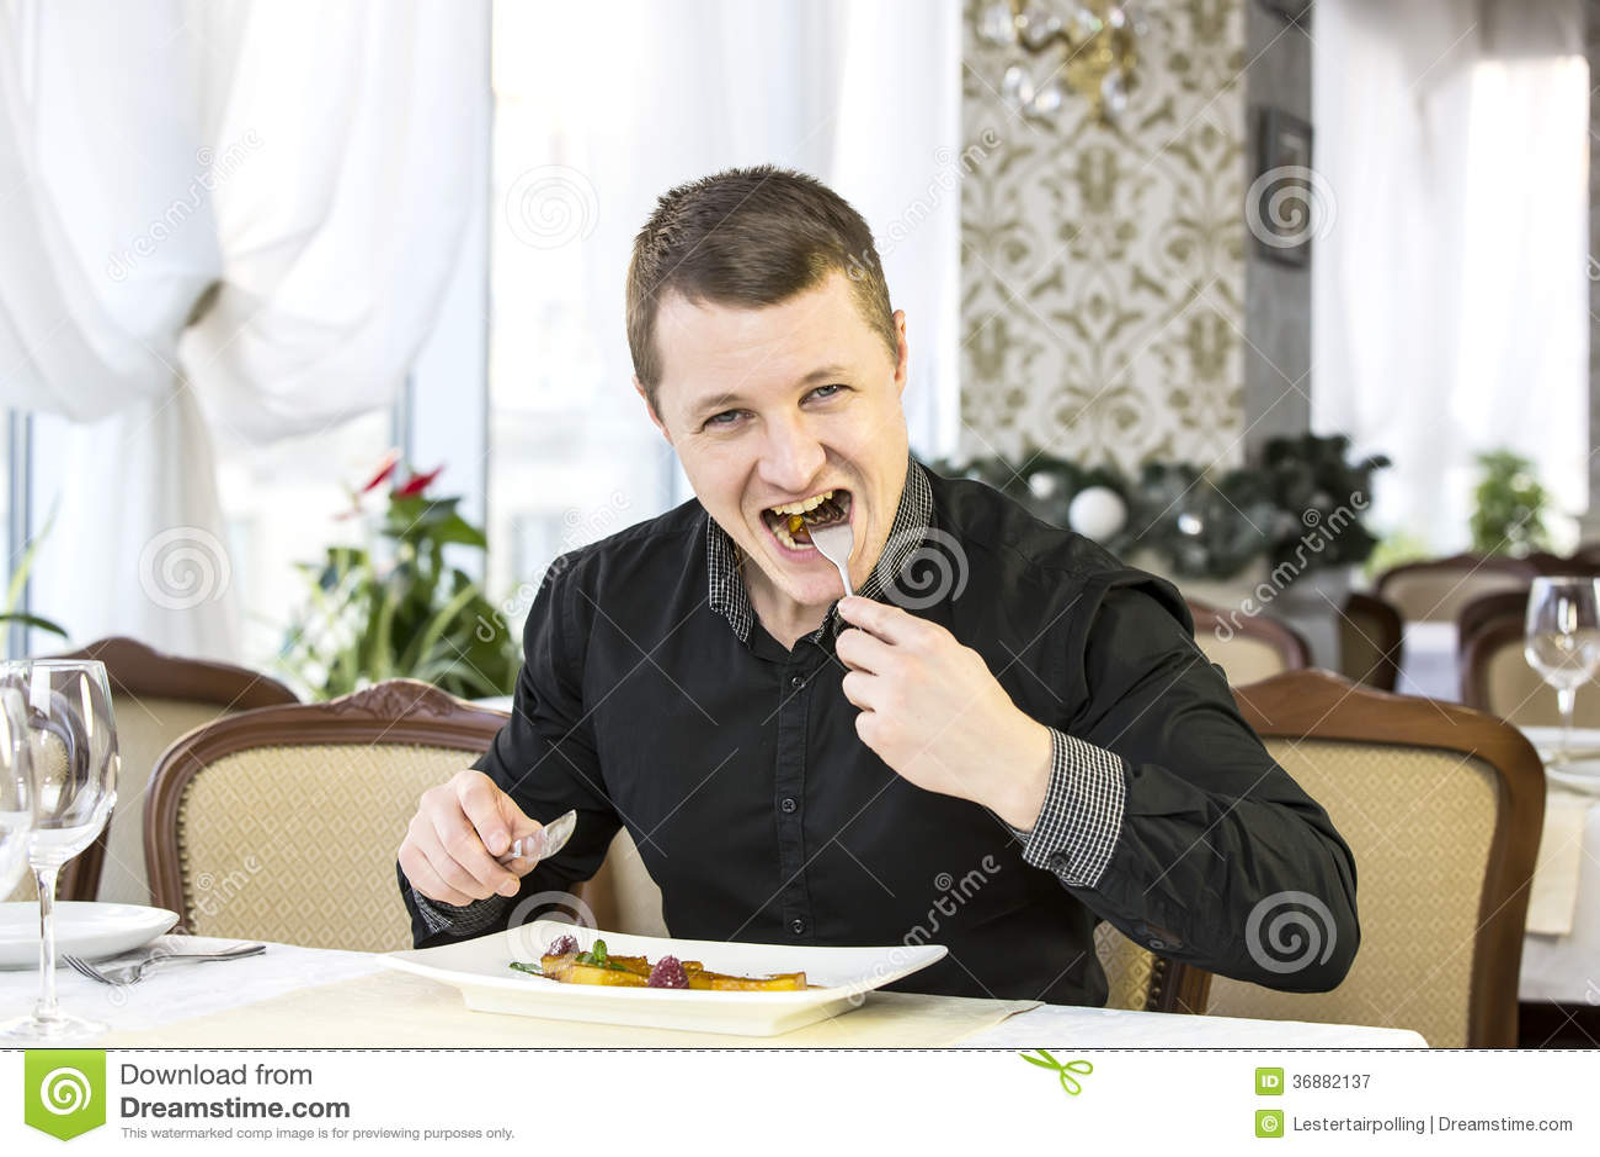 Download L'un giovane pranza immagine stock. Immagine di compleanno - 36882137